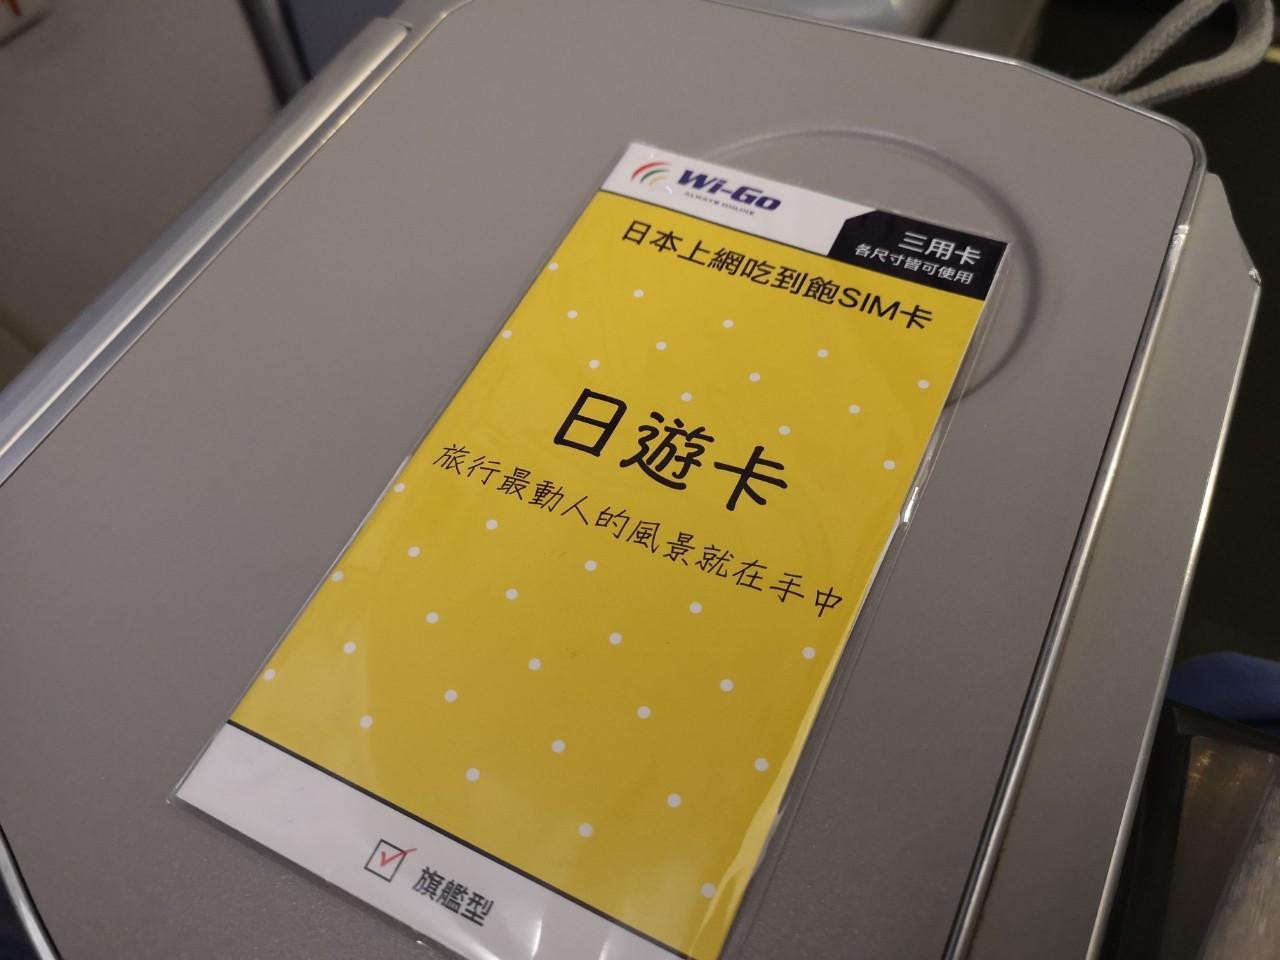 日本上網卡推薦|遊日卡,速度超快、可開熱點、softbank高品質網路~